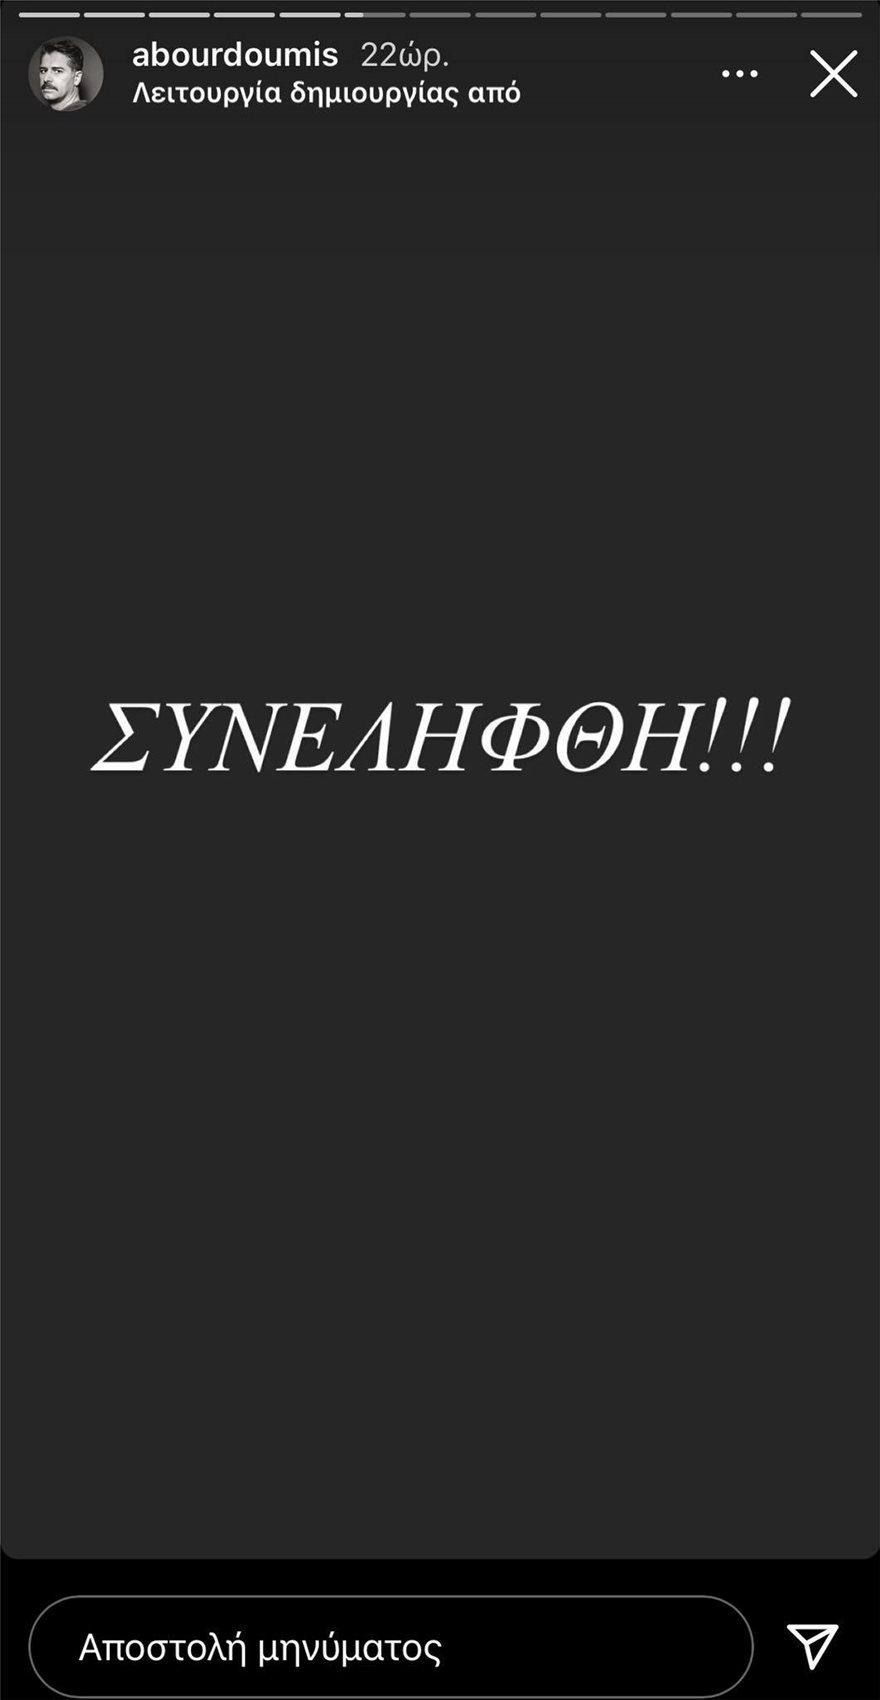 alexandros_bourdoumis